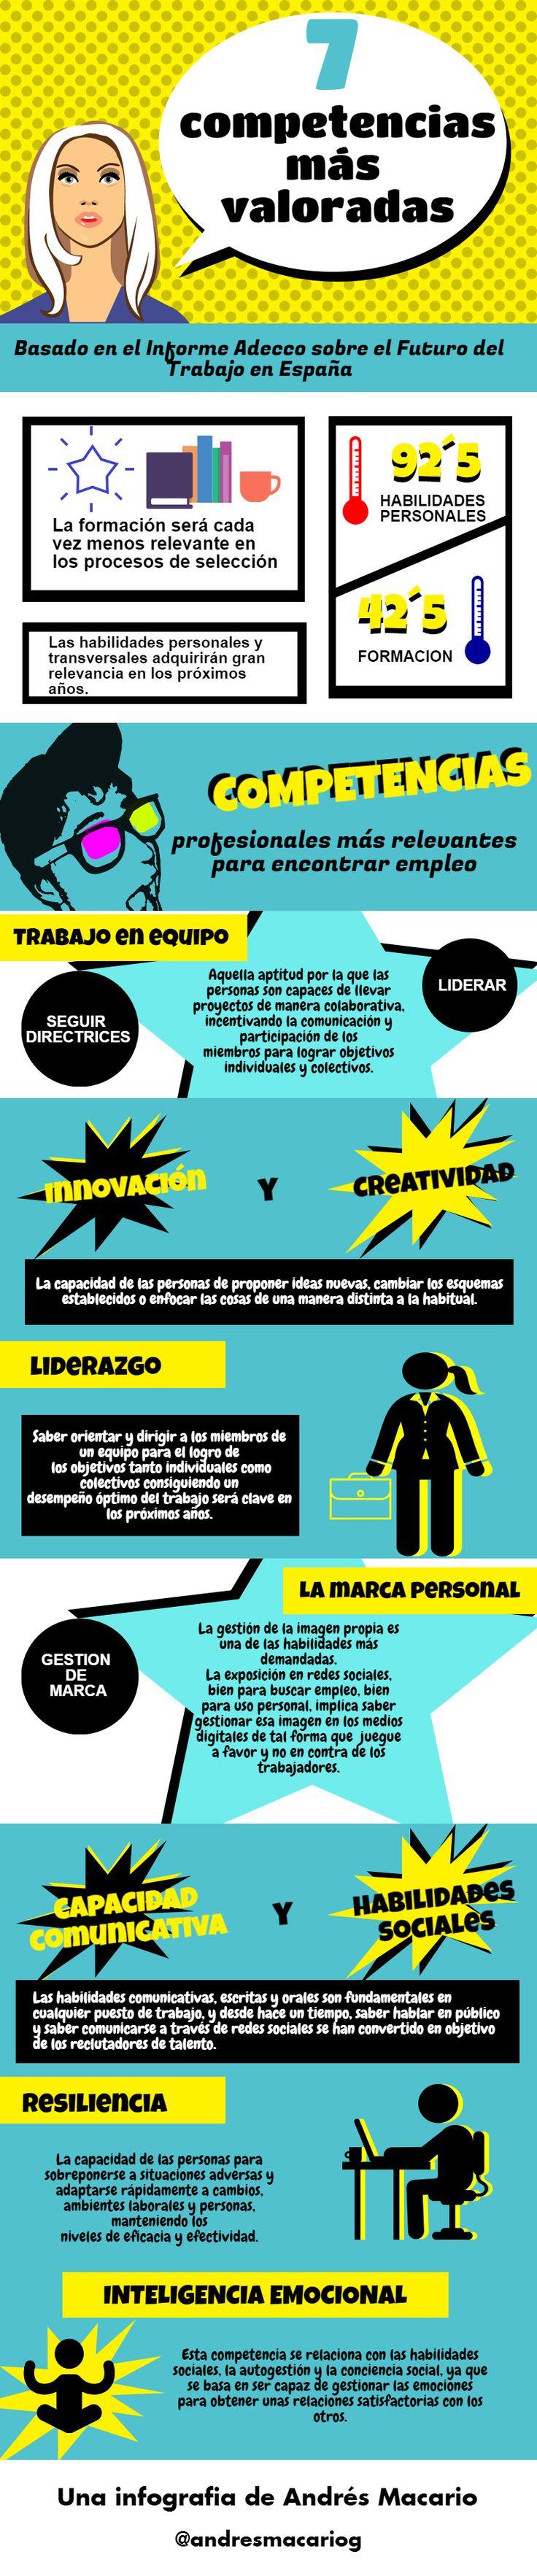 Las 7 competencias más valoradas para encontrar empleo #RRHH Infografia Andres Macario